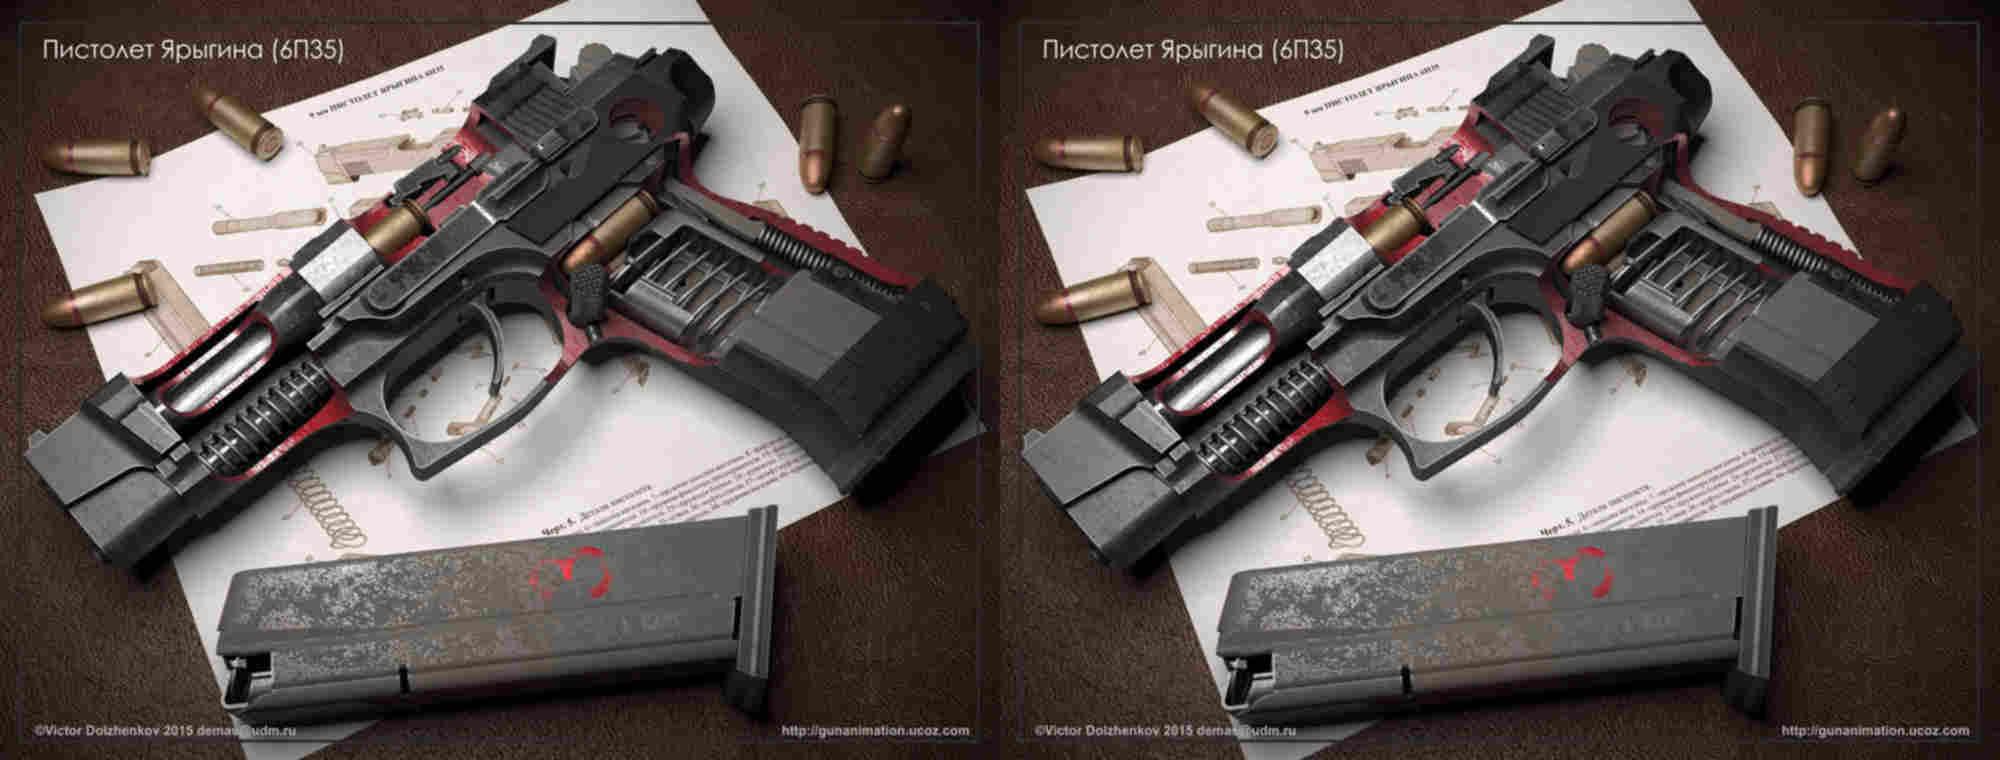 Пистолет ярыгина: фото, характеристики